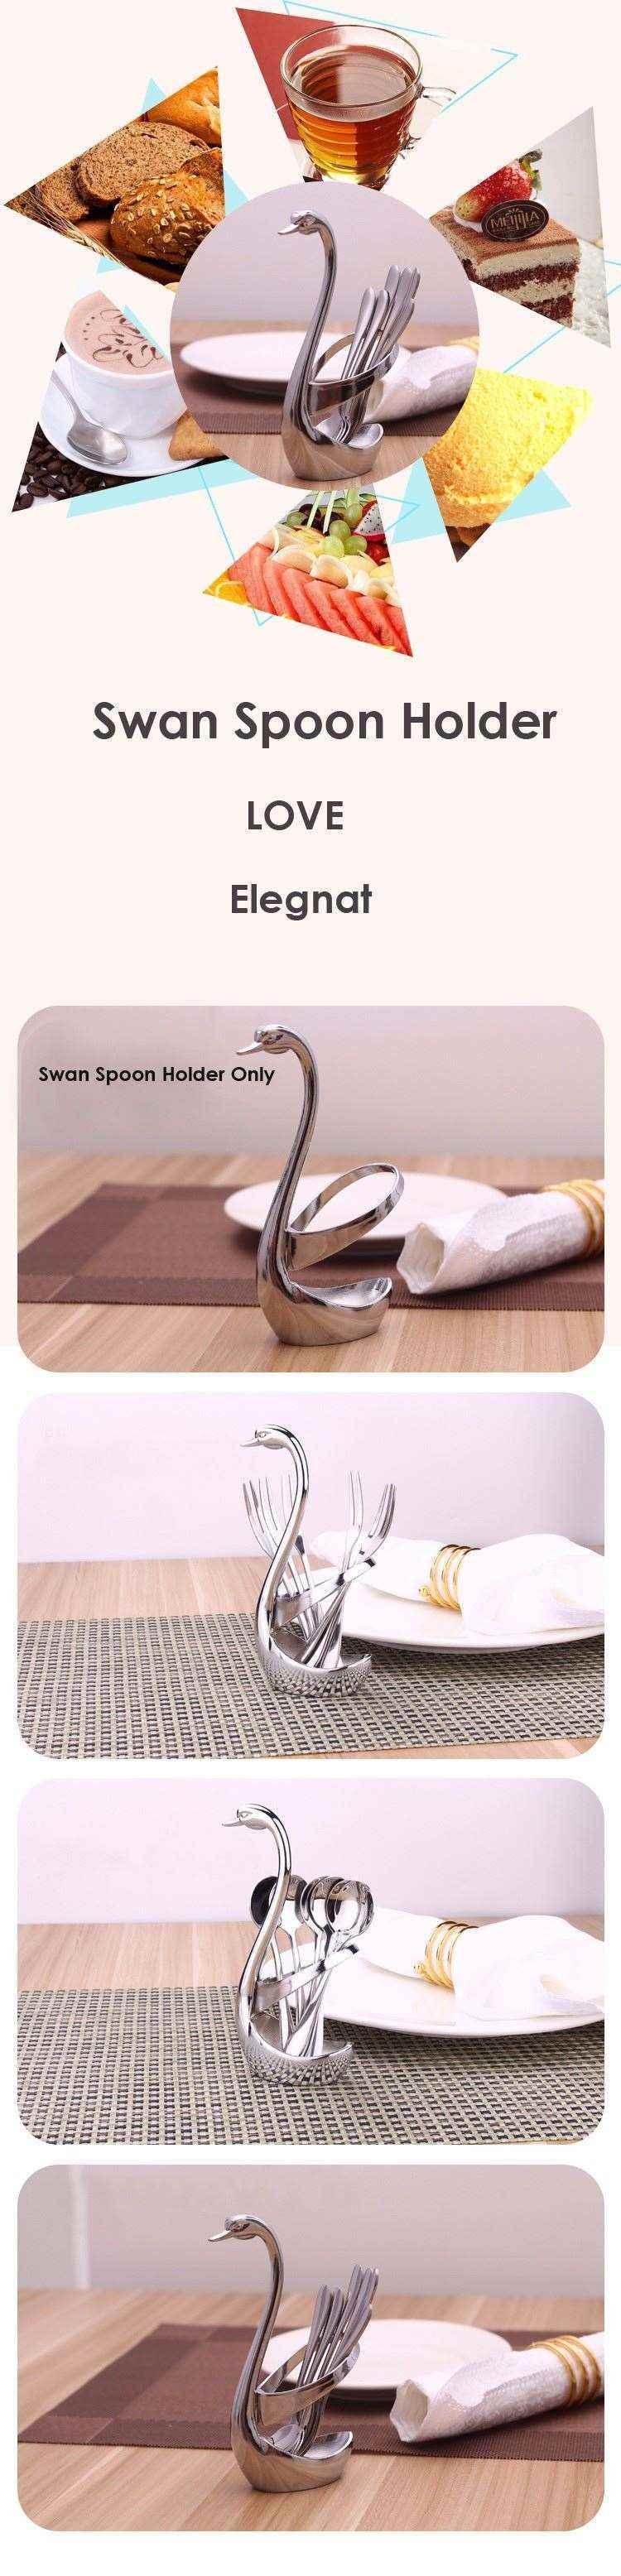 swan-spoon-holder-01